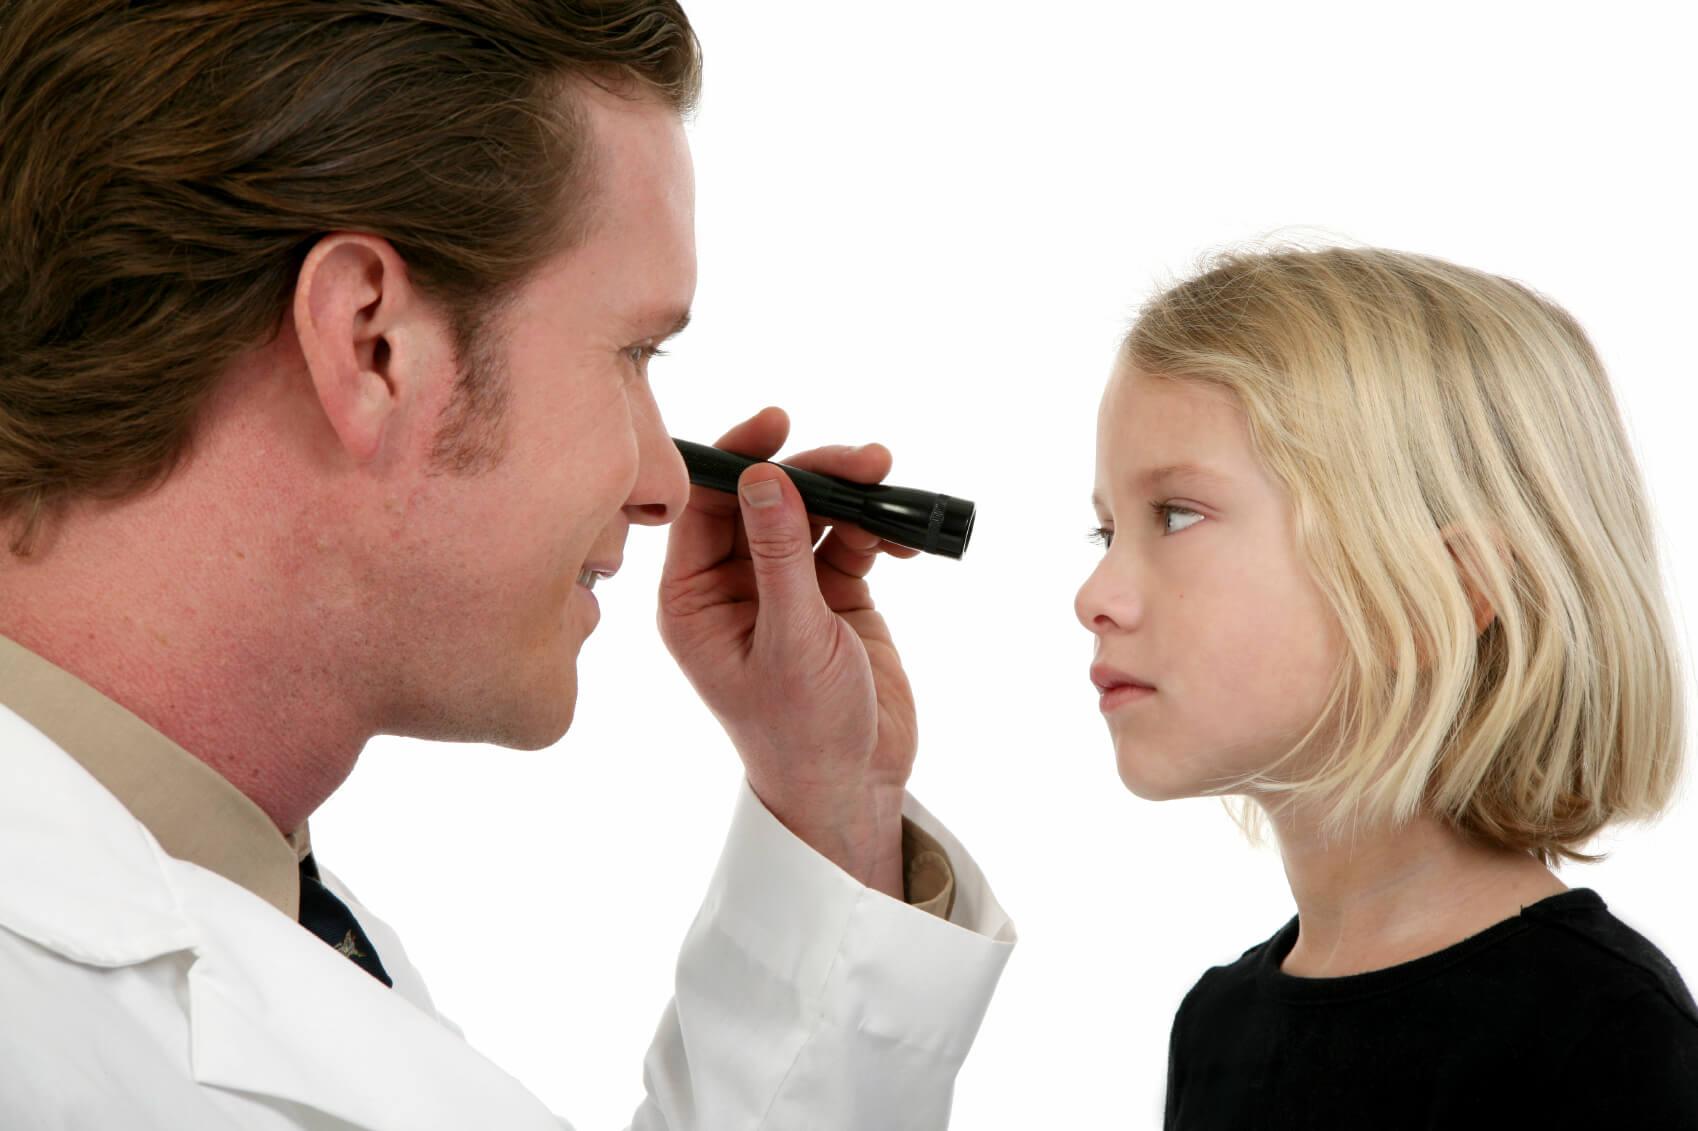 semundjet e syve te femijet